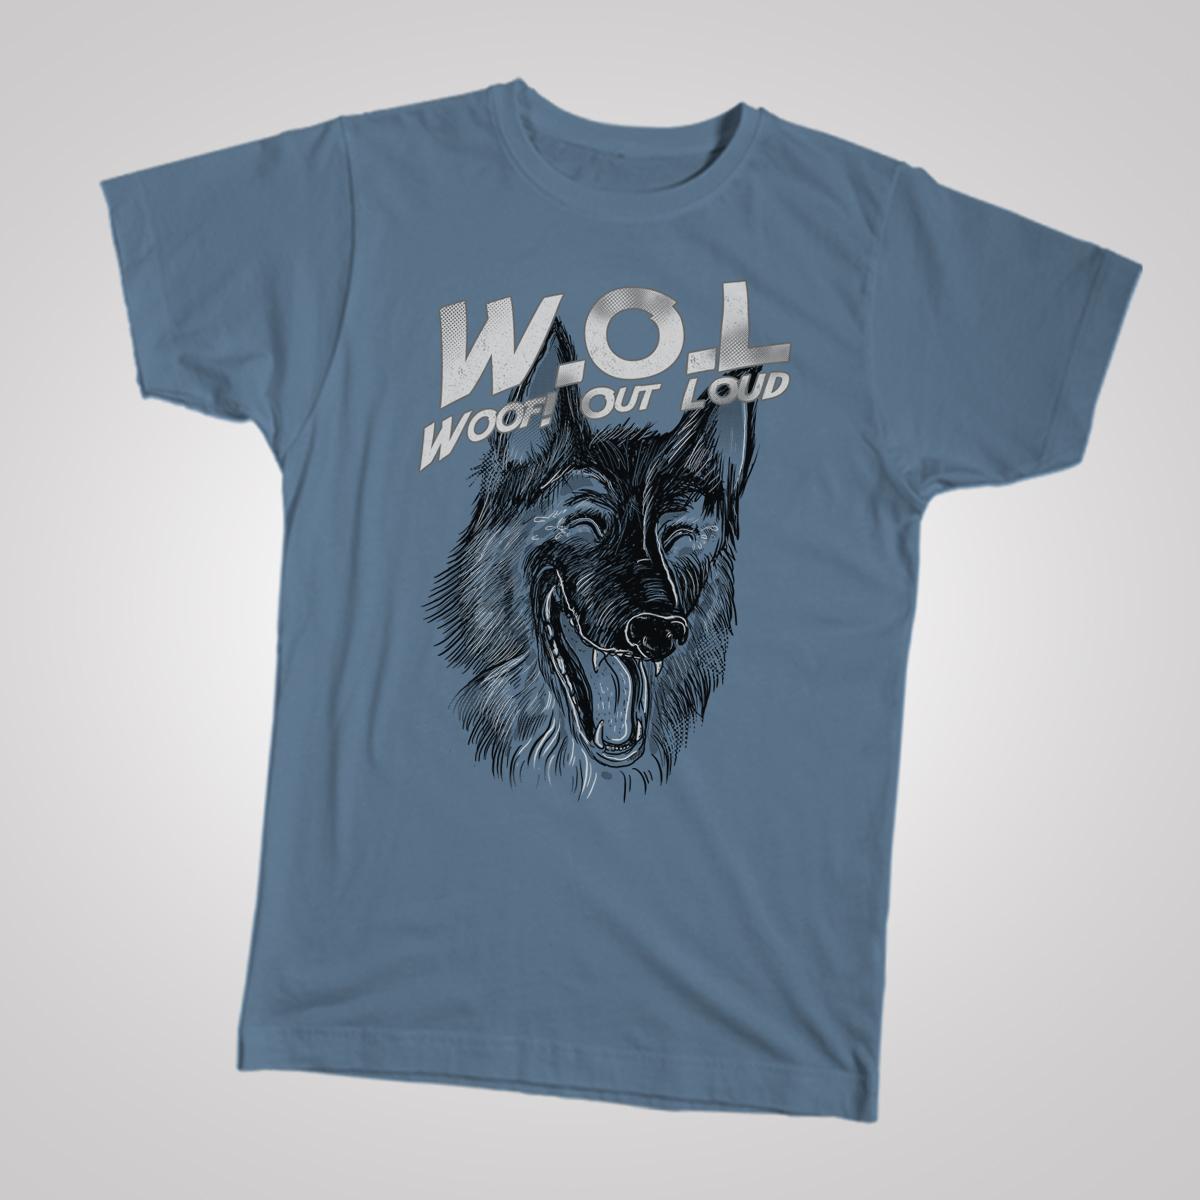 WOL_stone blue__shirt_mock up